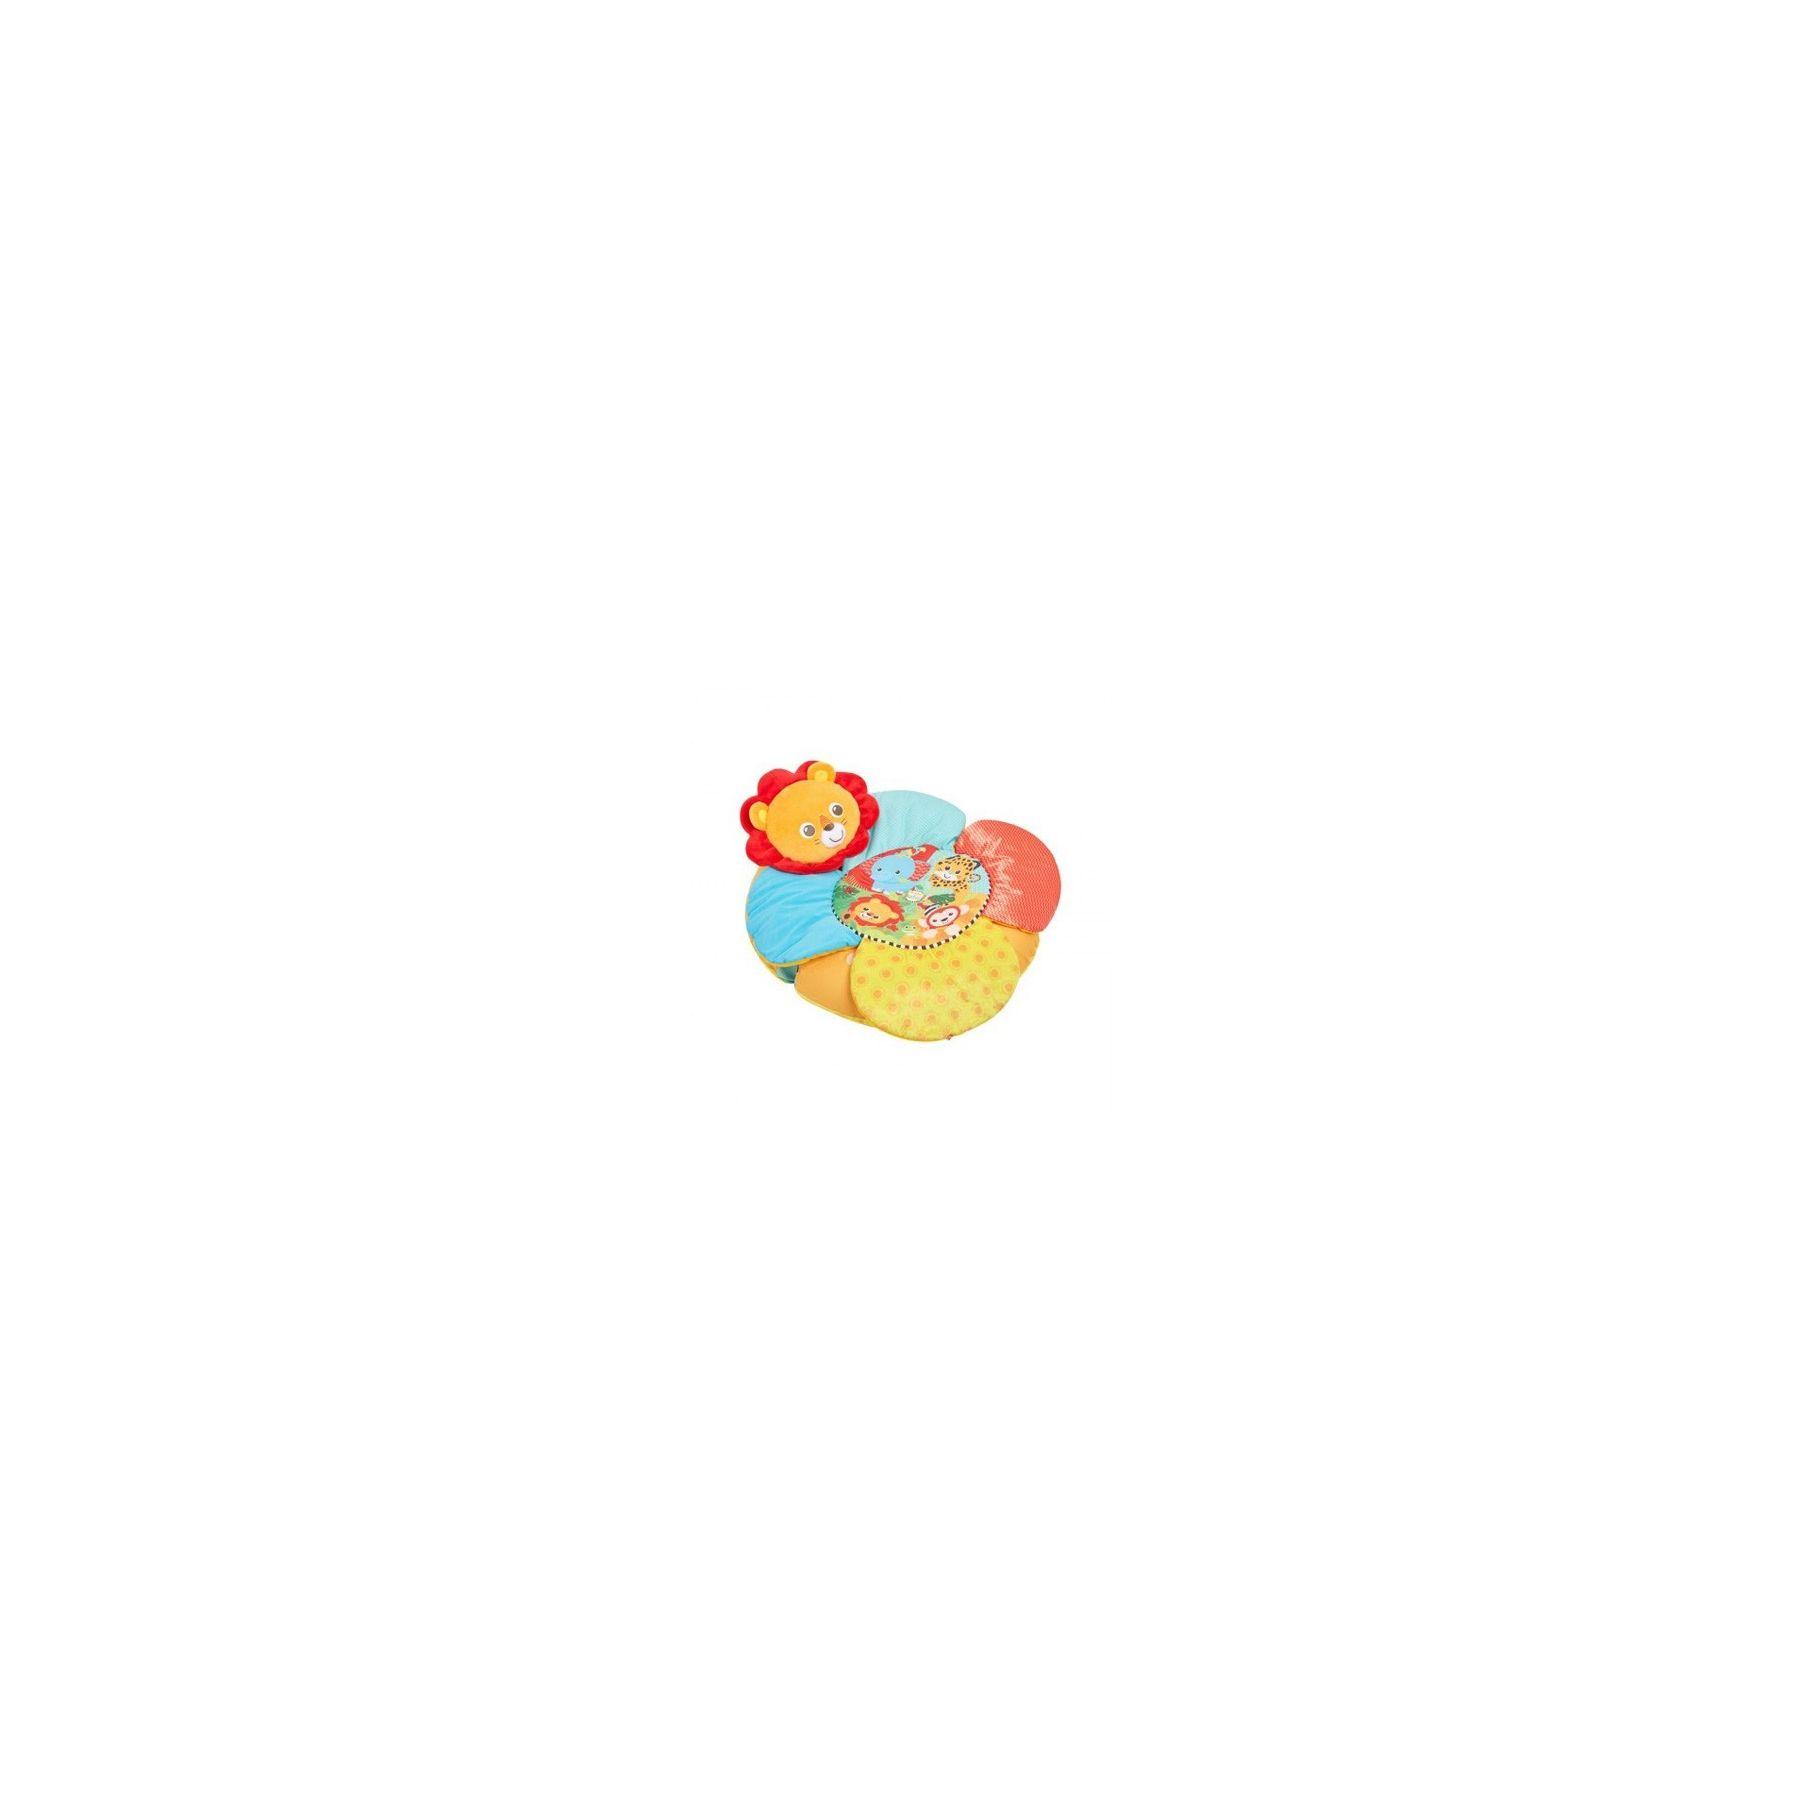 Fauteuil bébé - Tapis d'éveil lion en peluche Mothercare